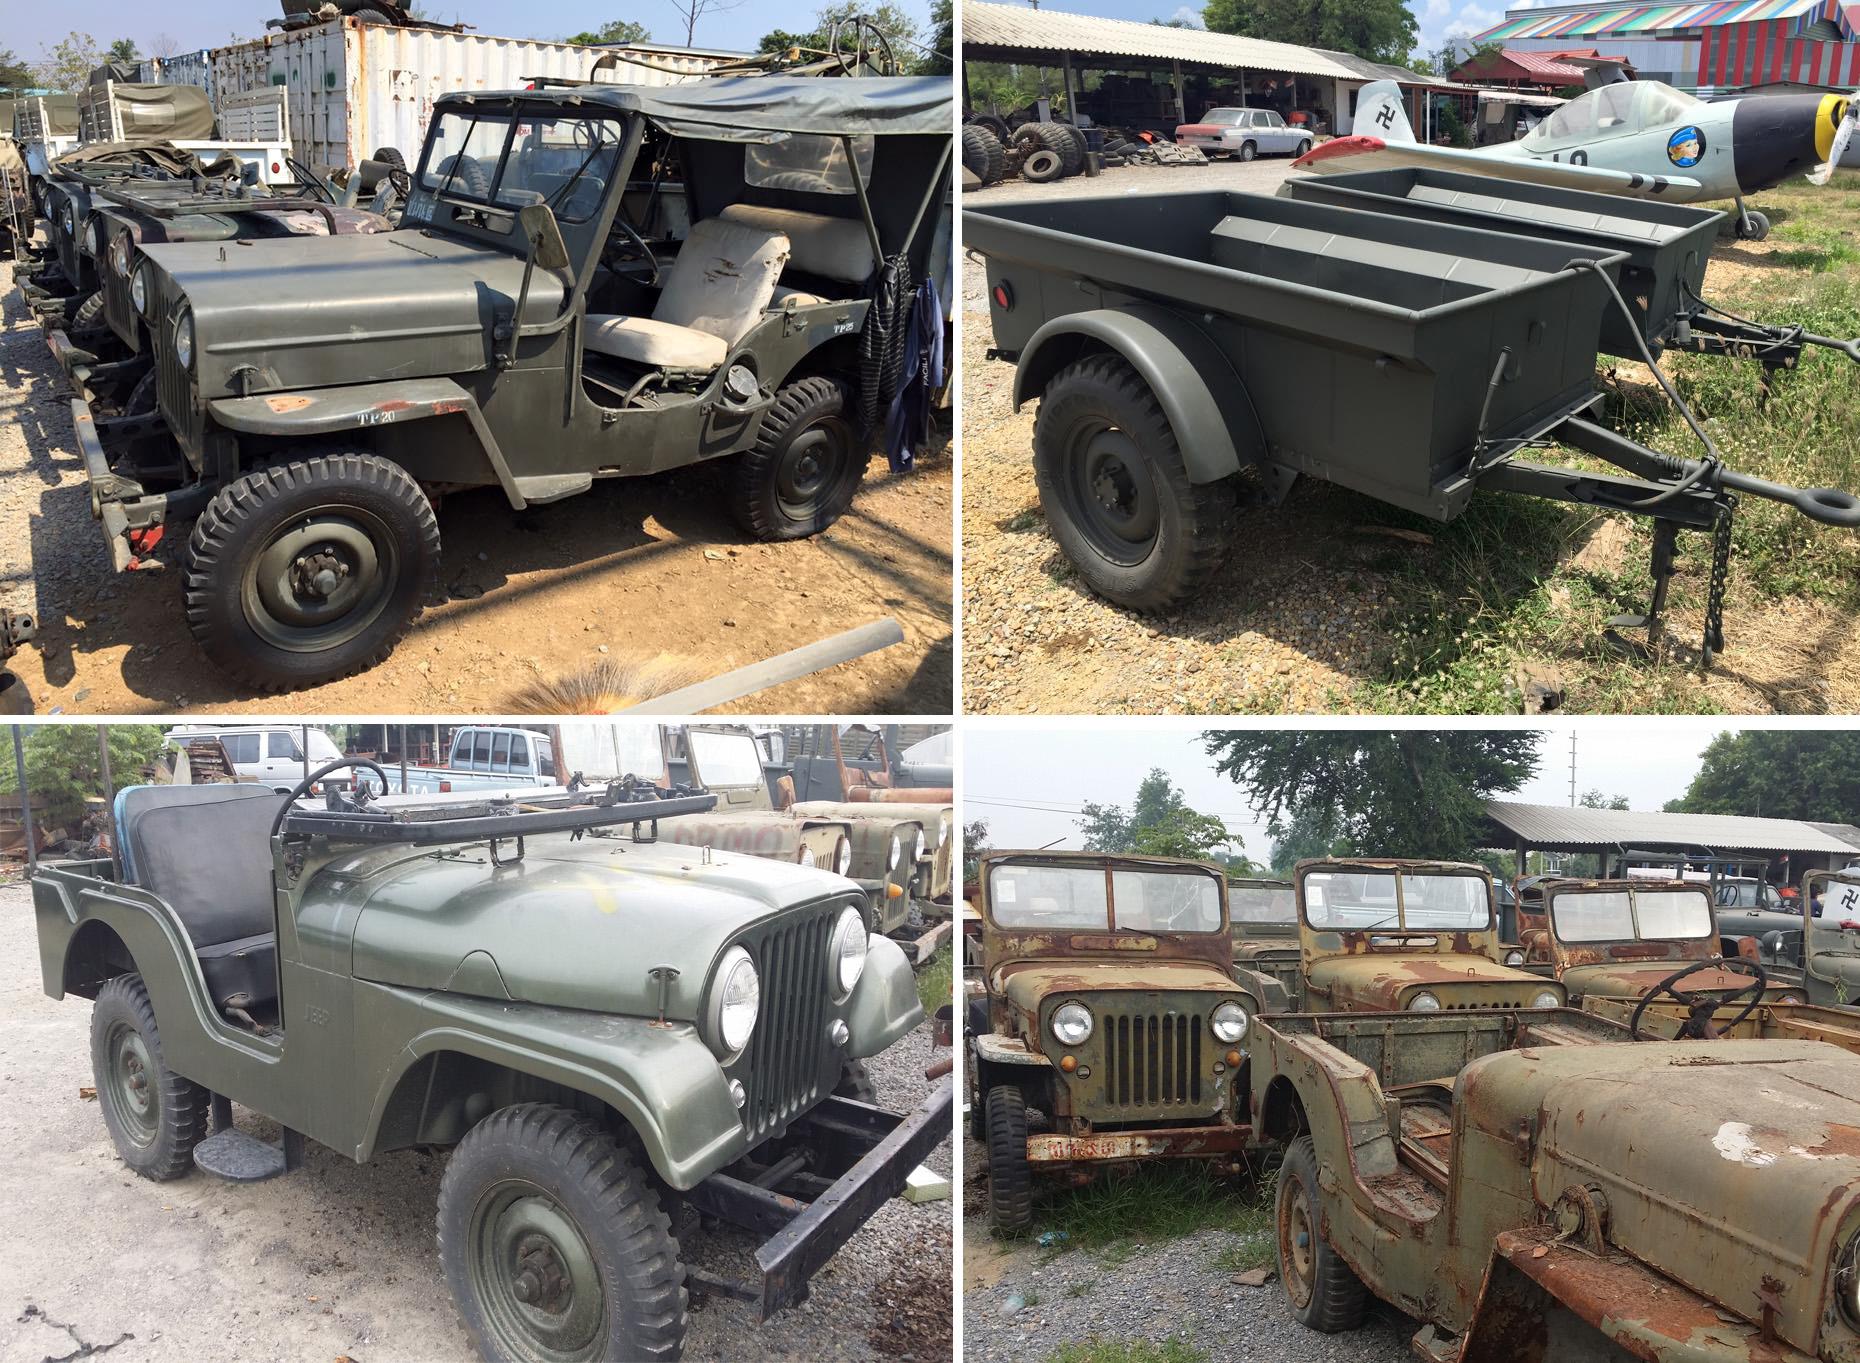 Thailand Jeeps X Jeep Unity Club X XJ Cherokee X Kaiser M715 X Kanchanaburi X MB Willy X Ford Willys X 4x4 drivers X Jeep CJ5 Thailand X Jeep M38 Thailand